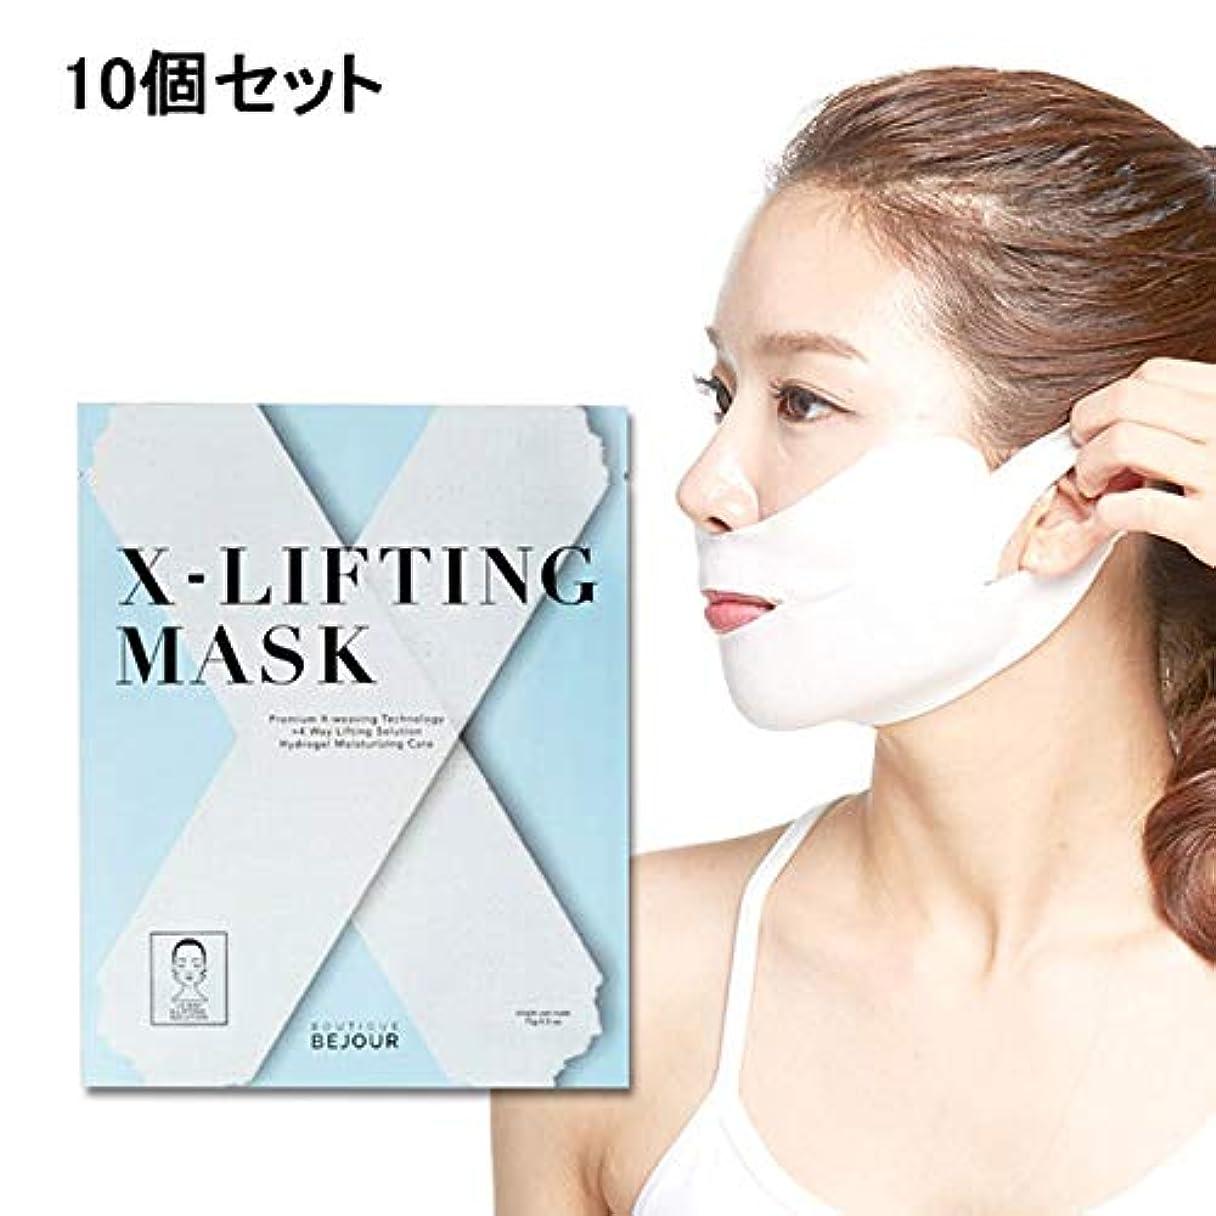 毛布一貫性のない木製< ビジュール > X-Lifting (エックスリフティング) マスク (10個セット) [ リフトアップ フェイスマスク フェイスシート フェイスパック フェイシャルマスク シートマスク フェイシャルシート フェイシャルパック...